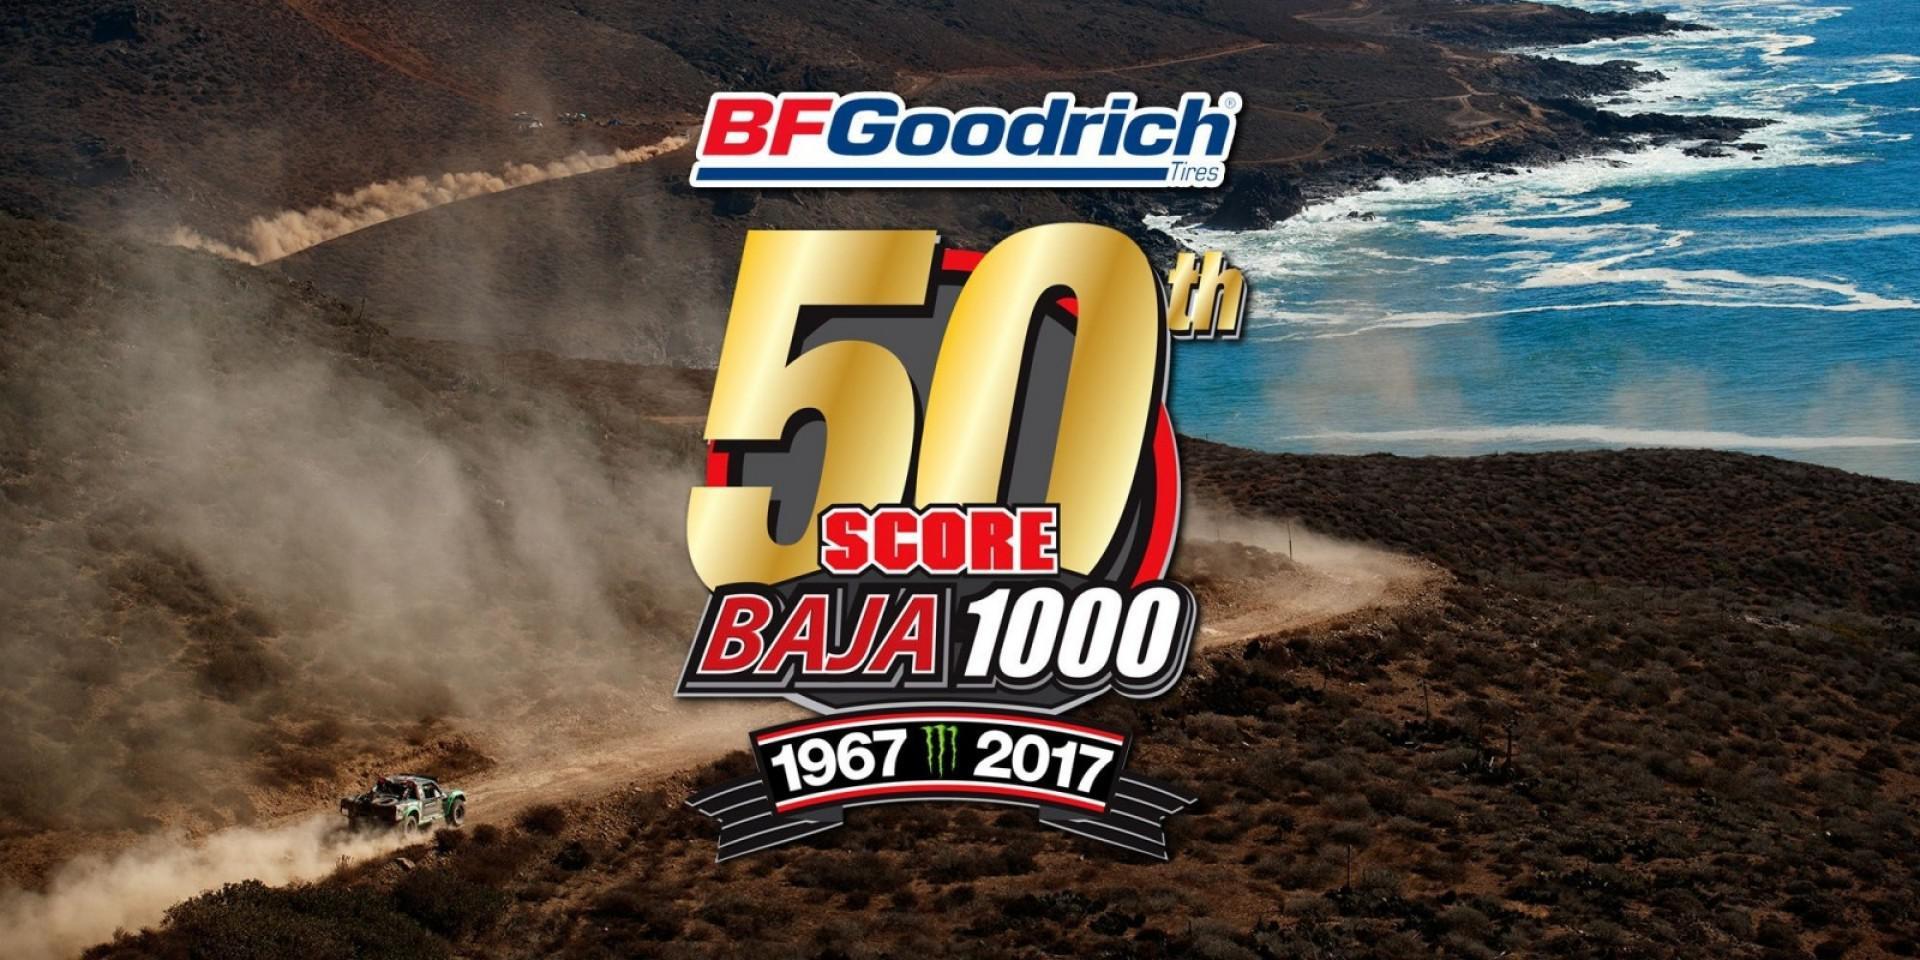 2017 Baja 1000